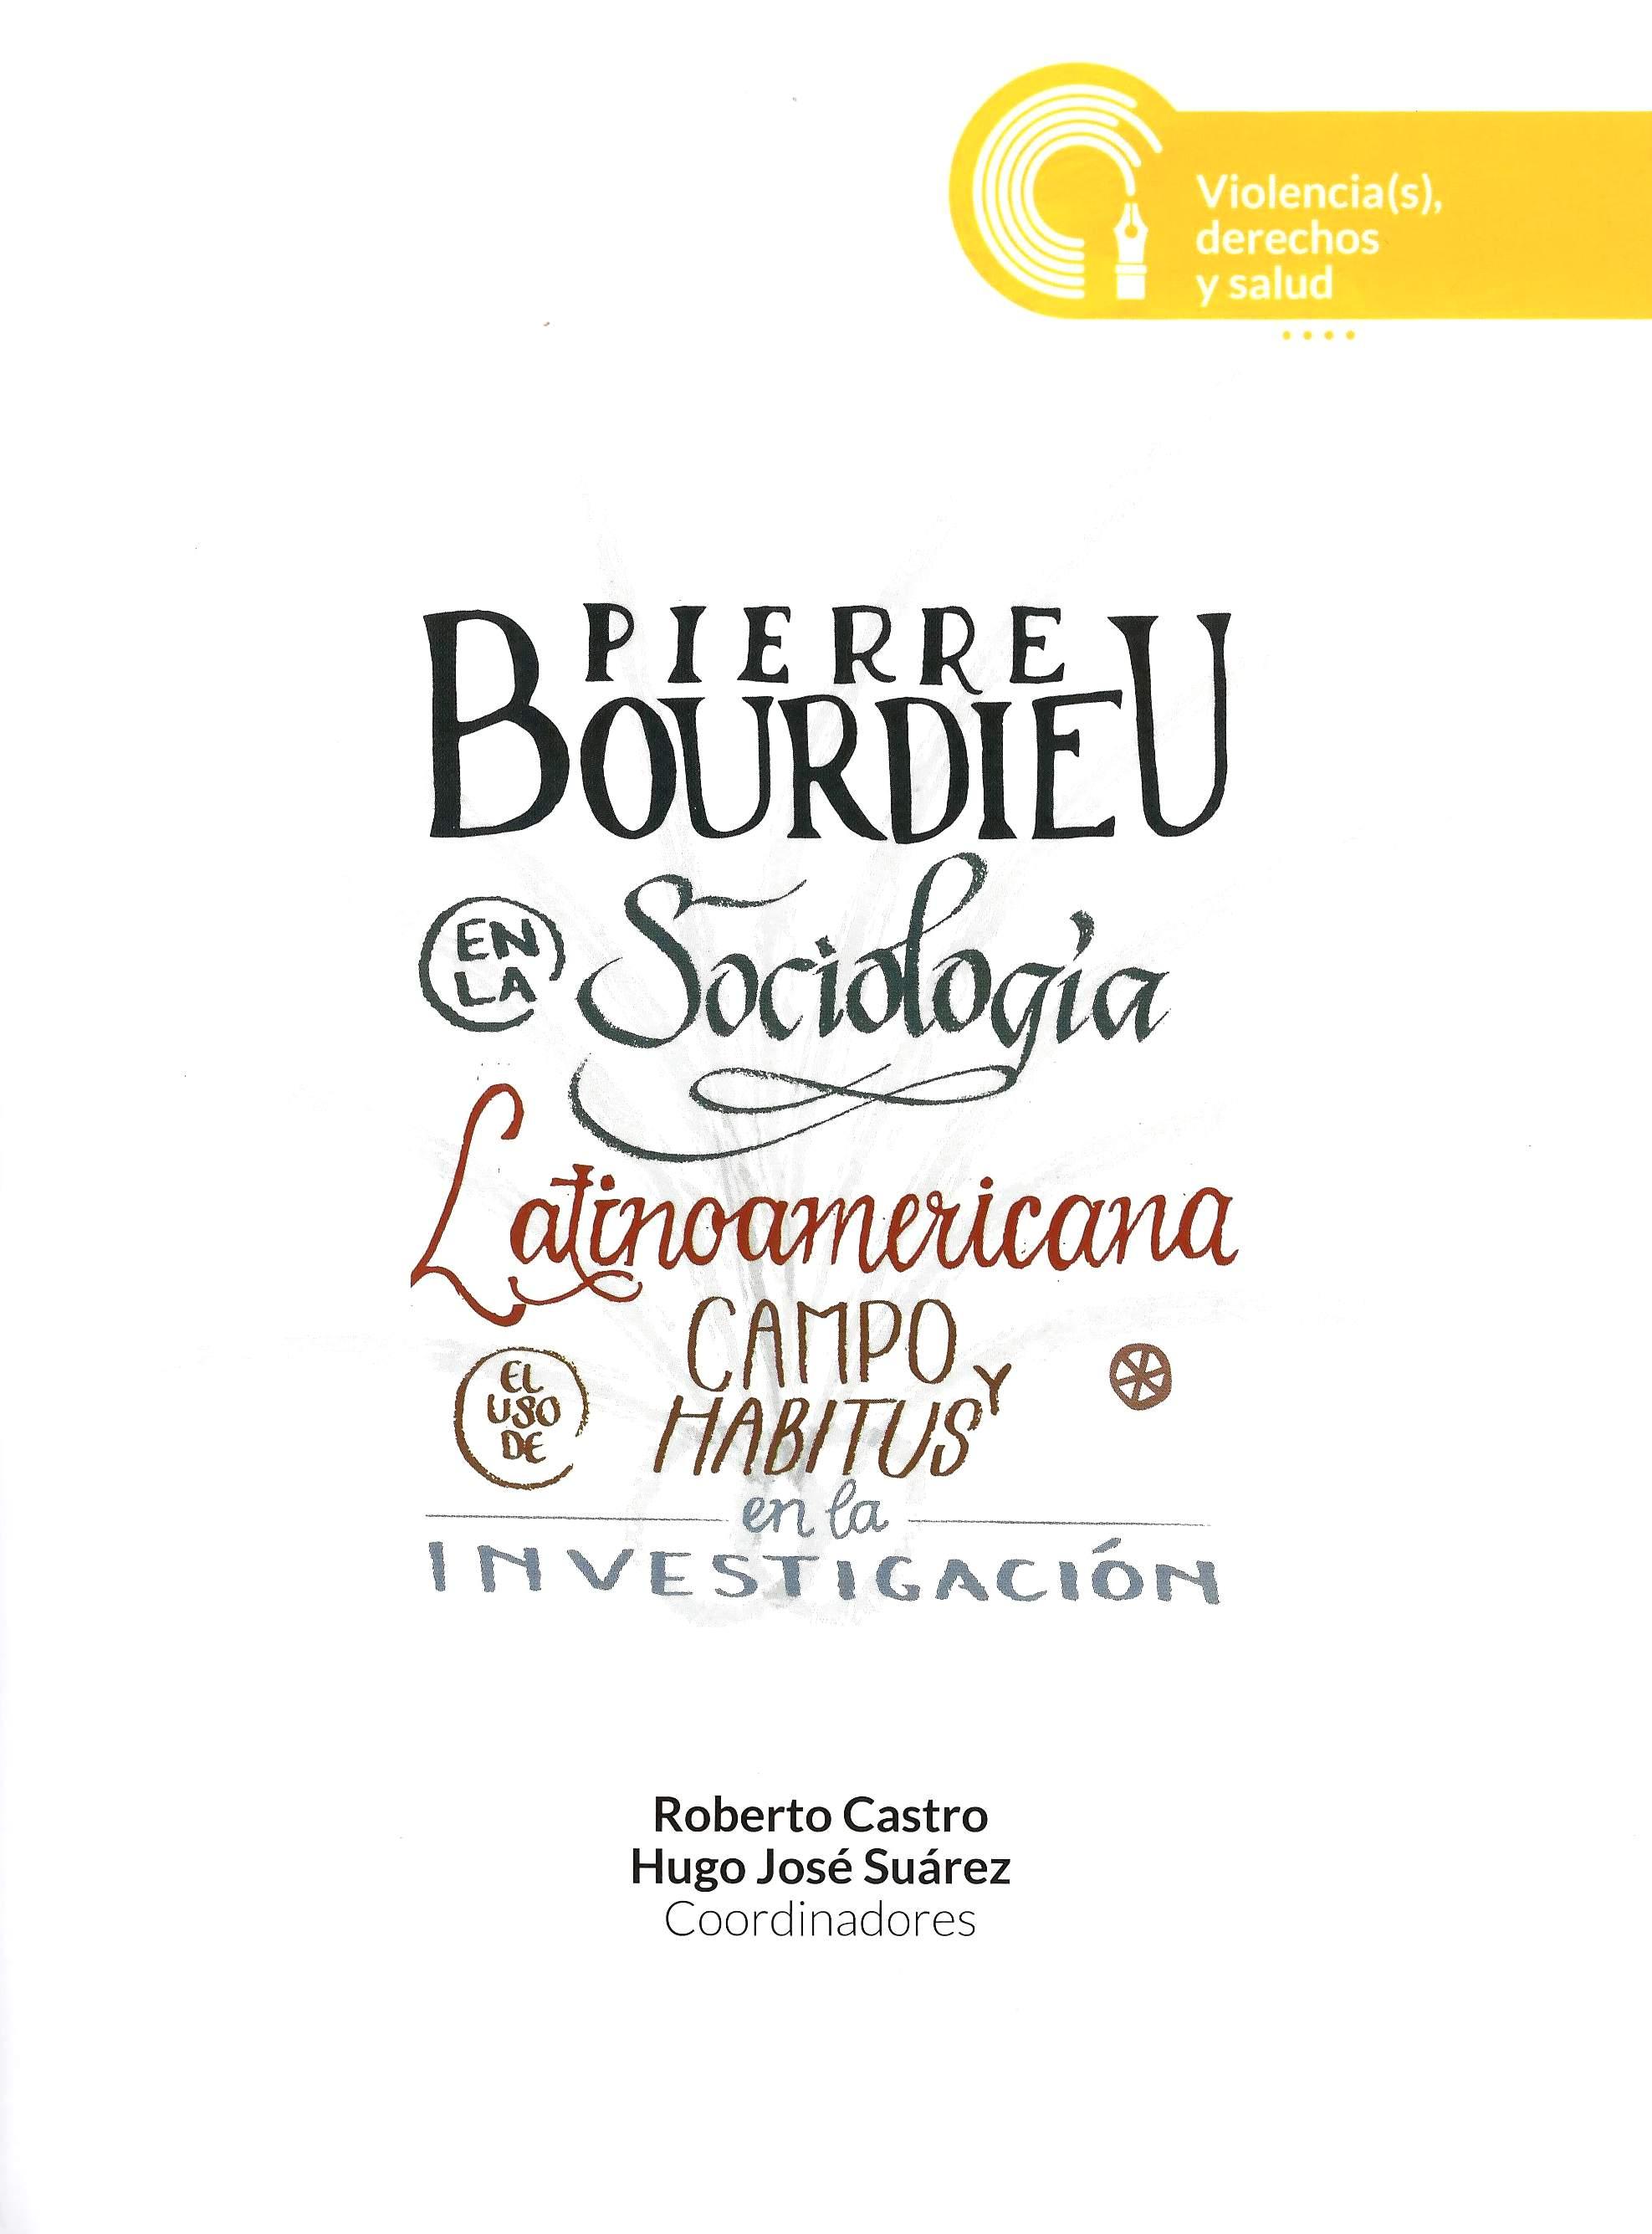 Pierre Bourdieu en la sociología latinoamericana: el uso de campo y habitus en la investigación